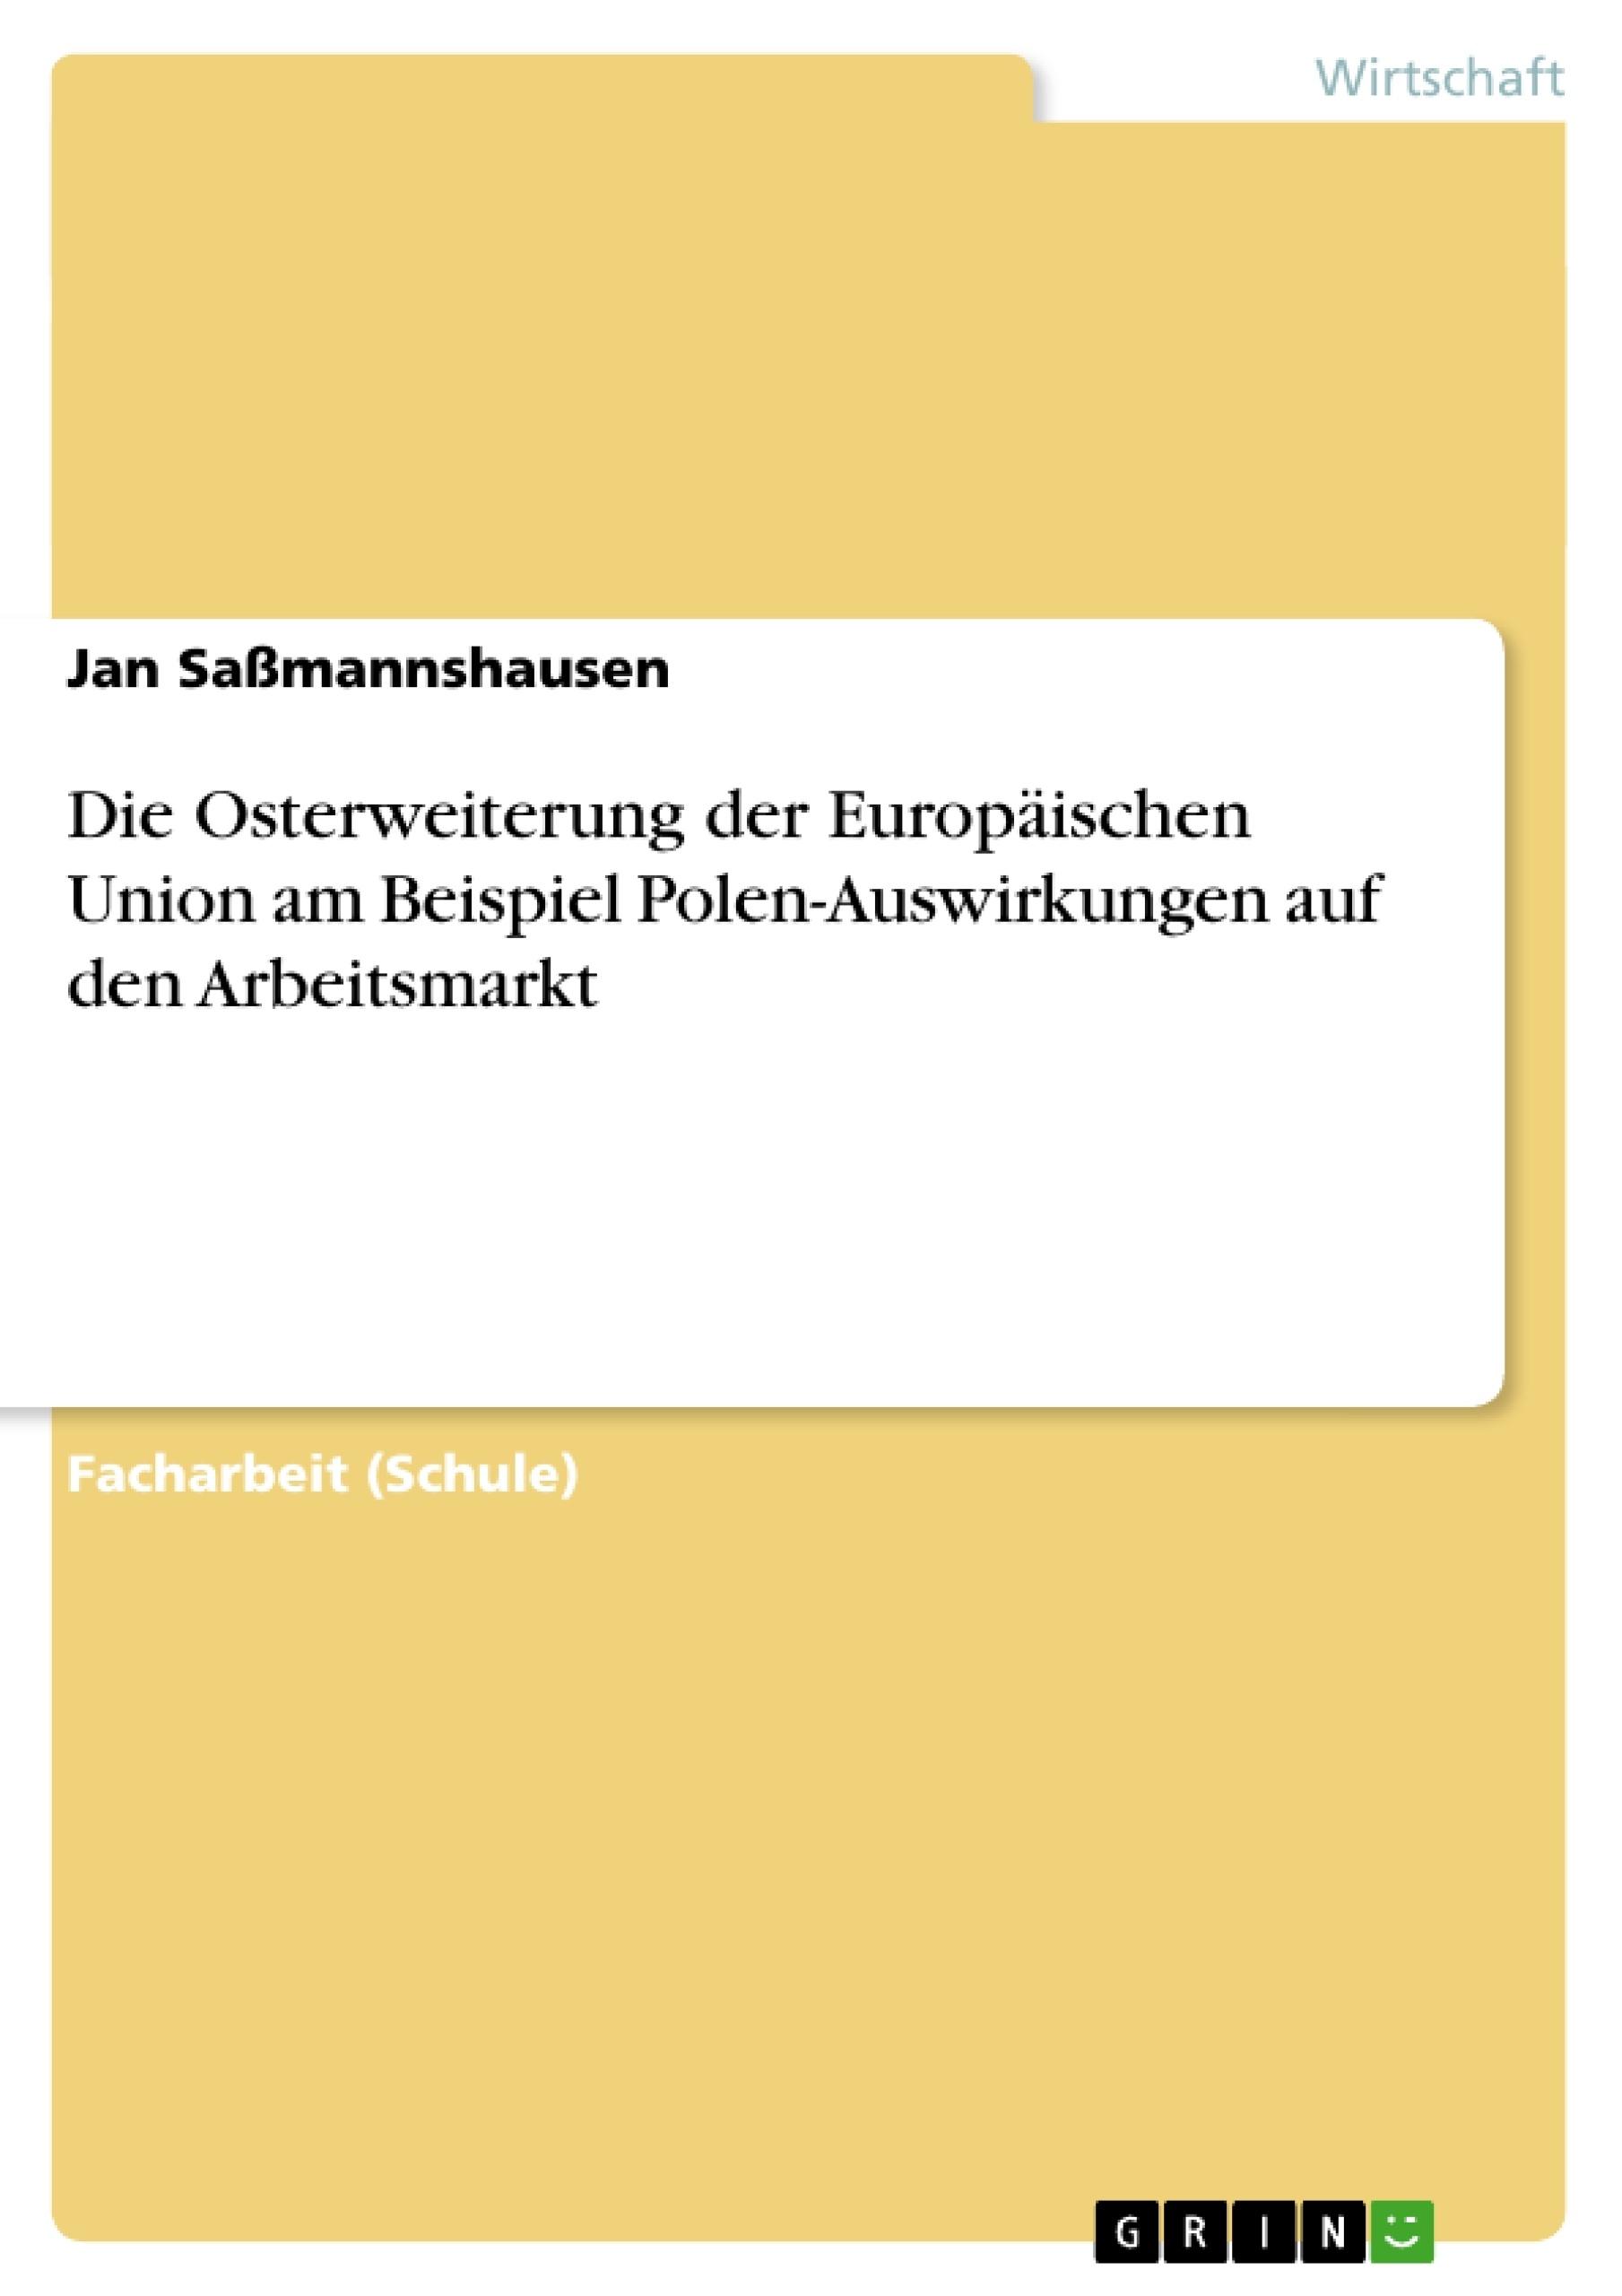 Titel: Die Osterweiterung der Europäischen Union am Beispiel Polen-Auswirkungen auf den Arbeitsmarkt